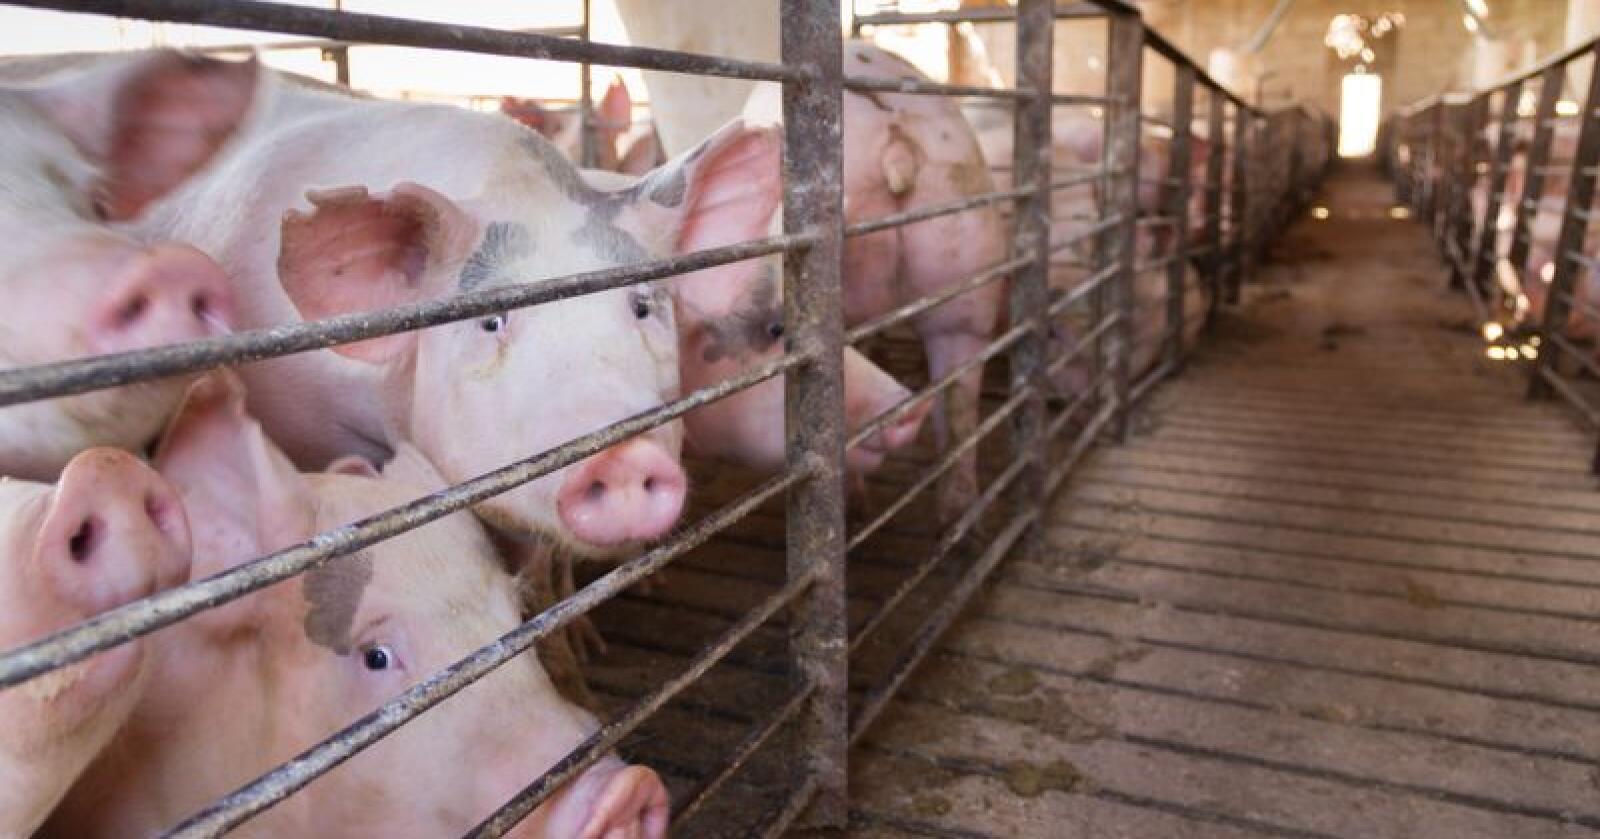 Prisene for svin har skutt i været som følge av utbrudd av afrikansk svinepest i Kina. Foto: Gabriela Bertolini